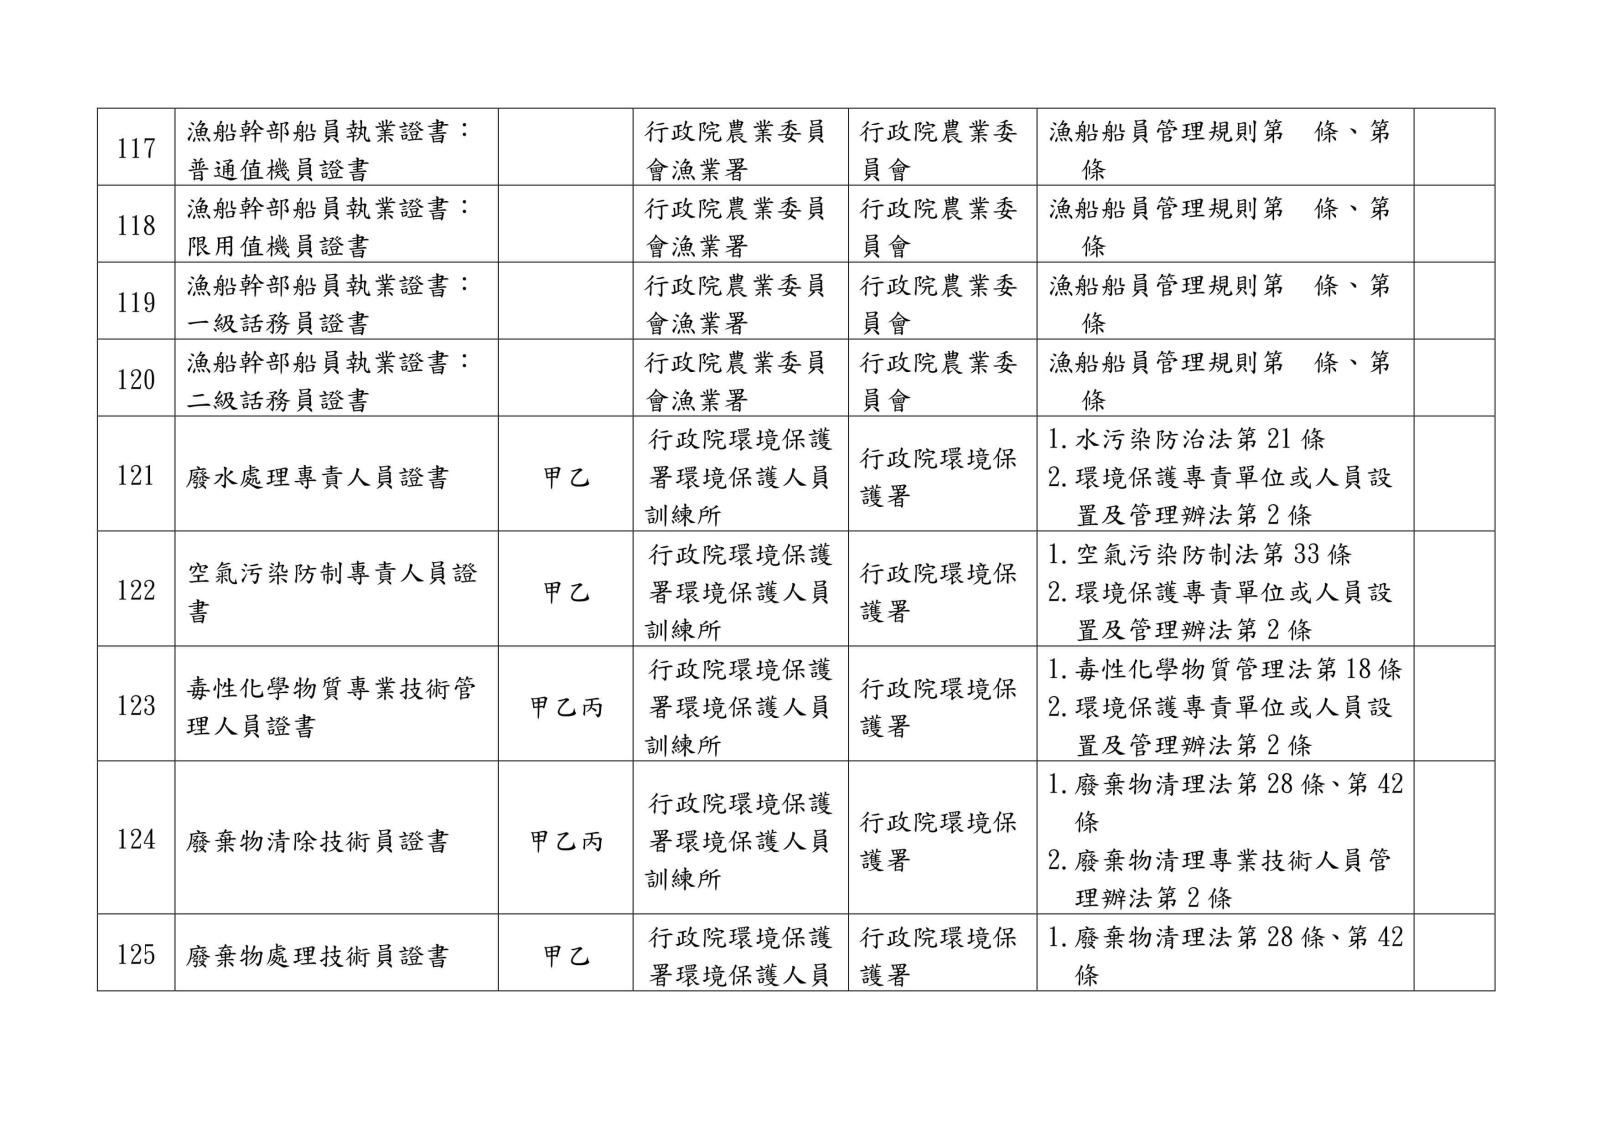 105 年各中央目的事業主管機關核發、委託、認證或認可證照一覽表0028